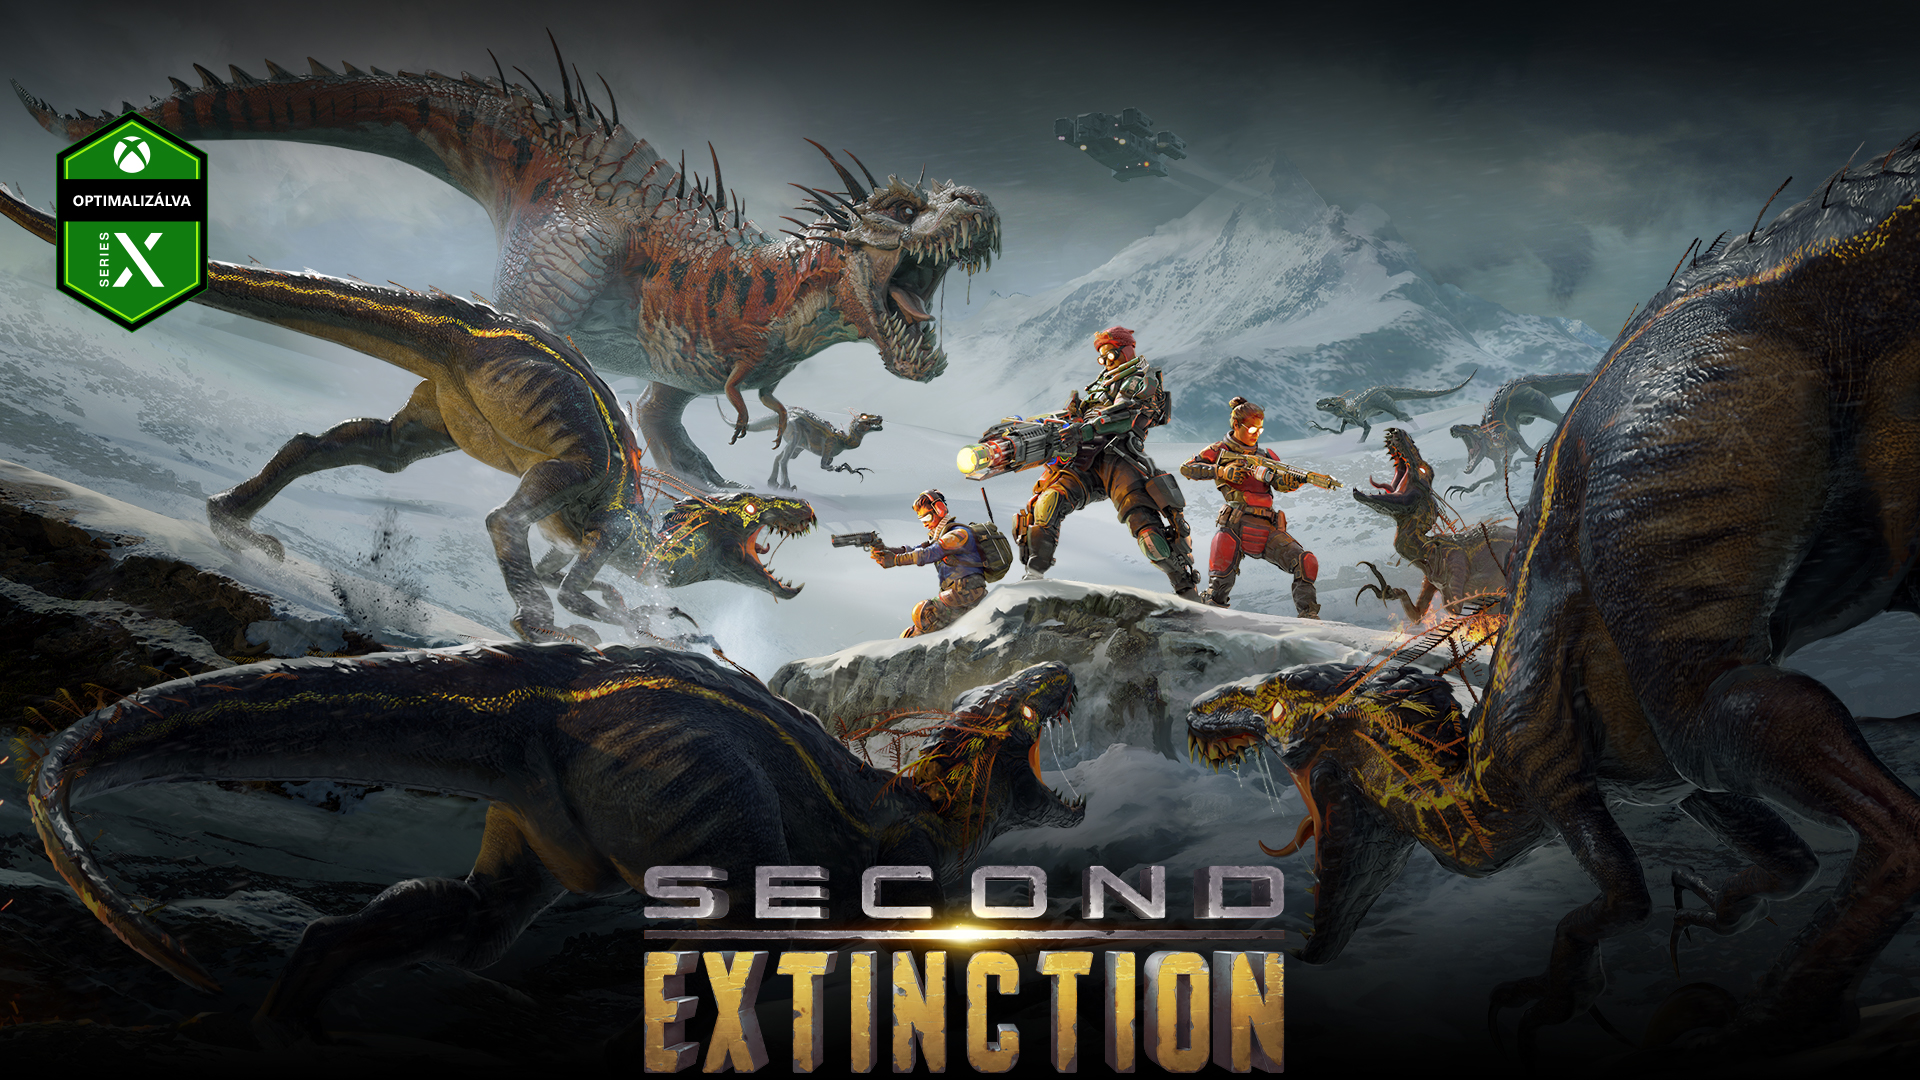 Second Extinction, Series X konzolra optimalizálva, karakterek csoportja küzd meg a dinoszauruszok csoportjával.